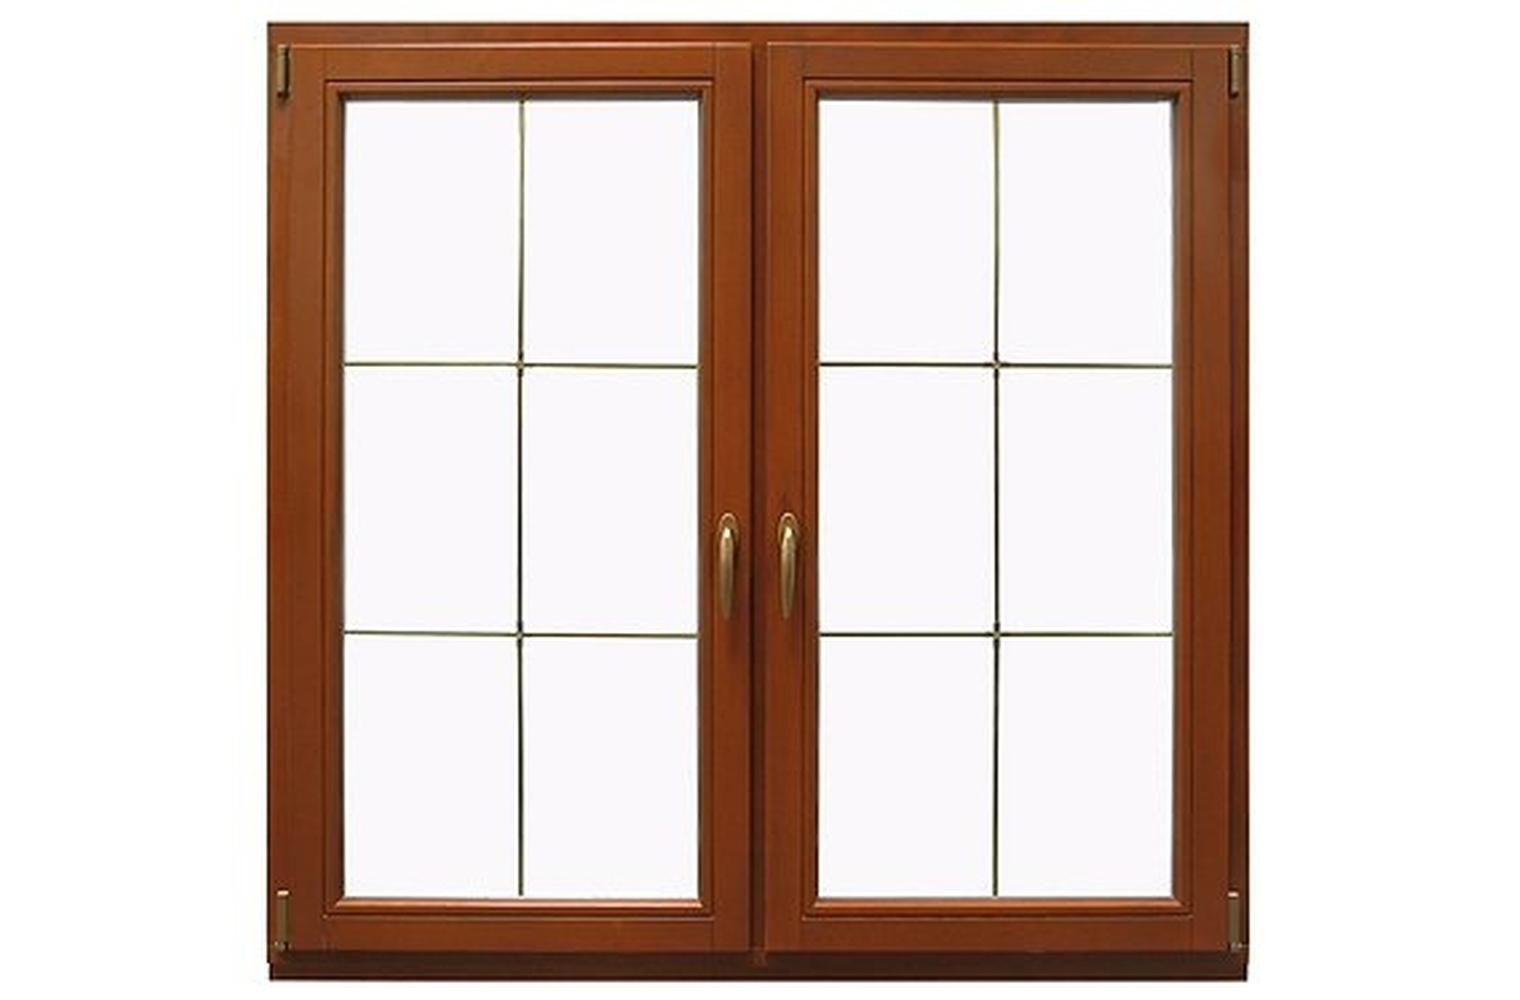 Full Size of Fenster Mit Sprossen Im Landhausstil Authentische Gestaltung Fensterblickde Küche Elektrogeräten Günstig Bett Rutsche Aluminium Schubladen 180x200 Fenster Fenster Mit Sprossen